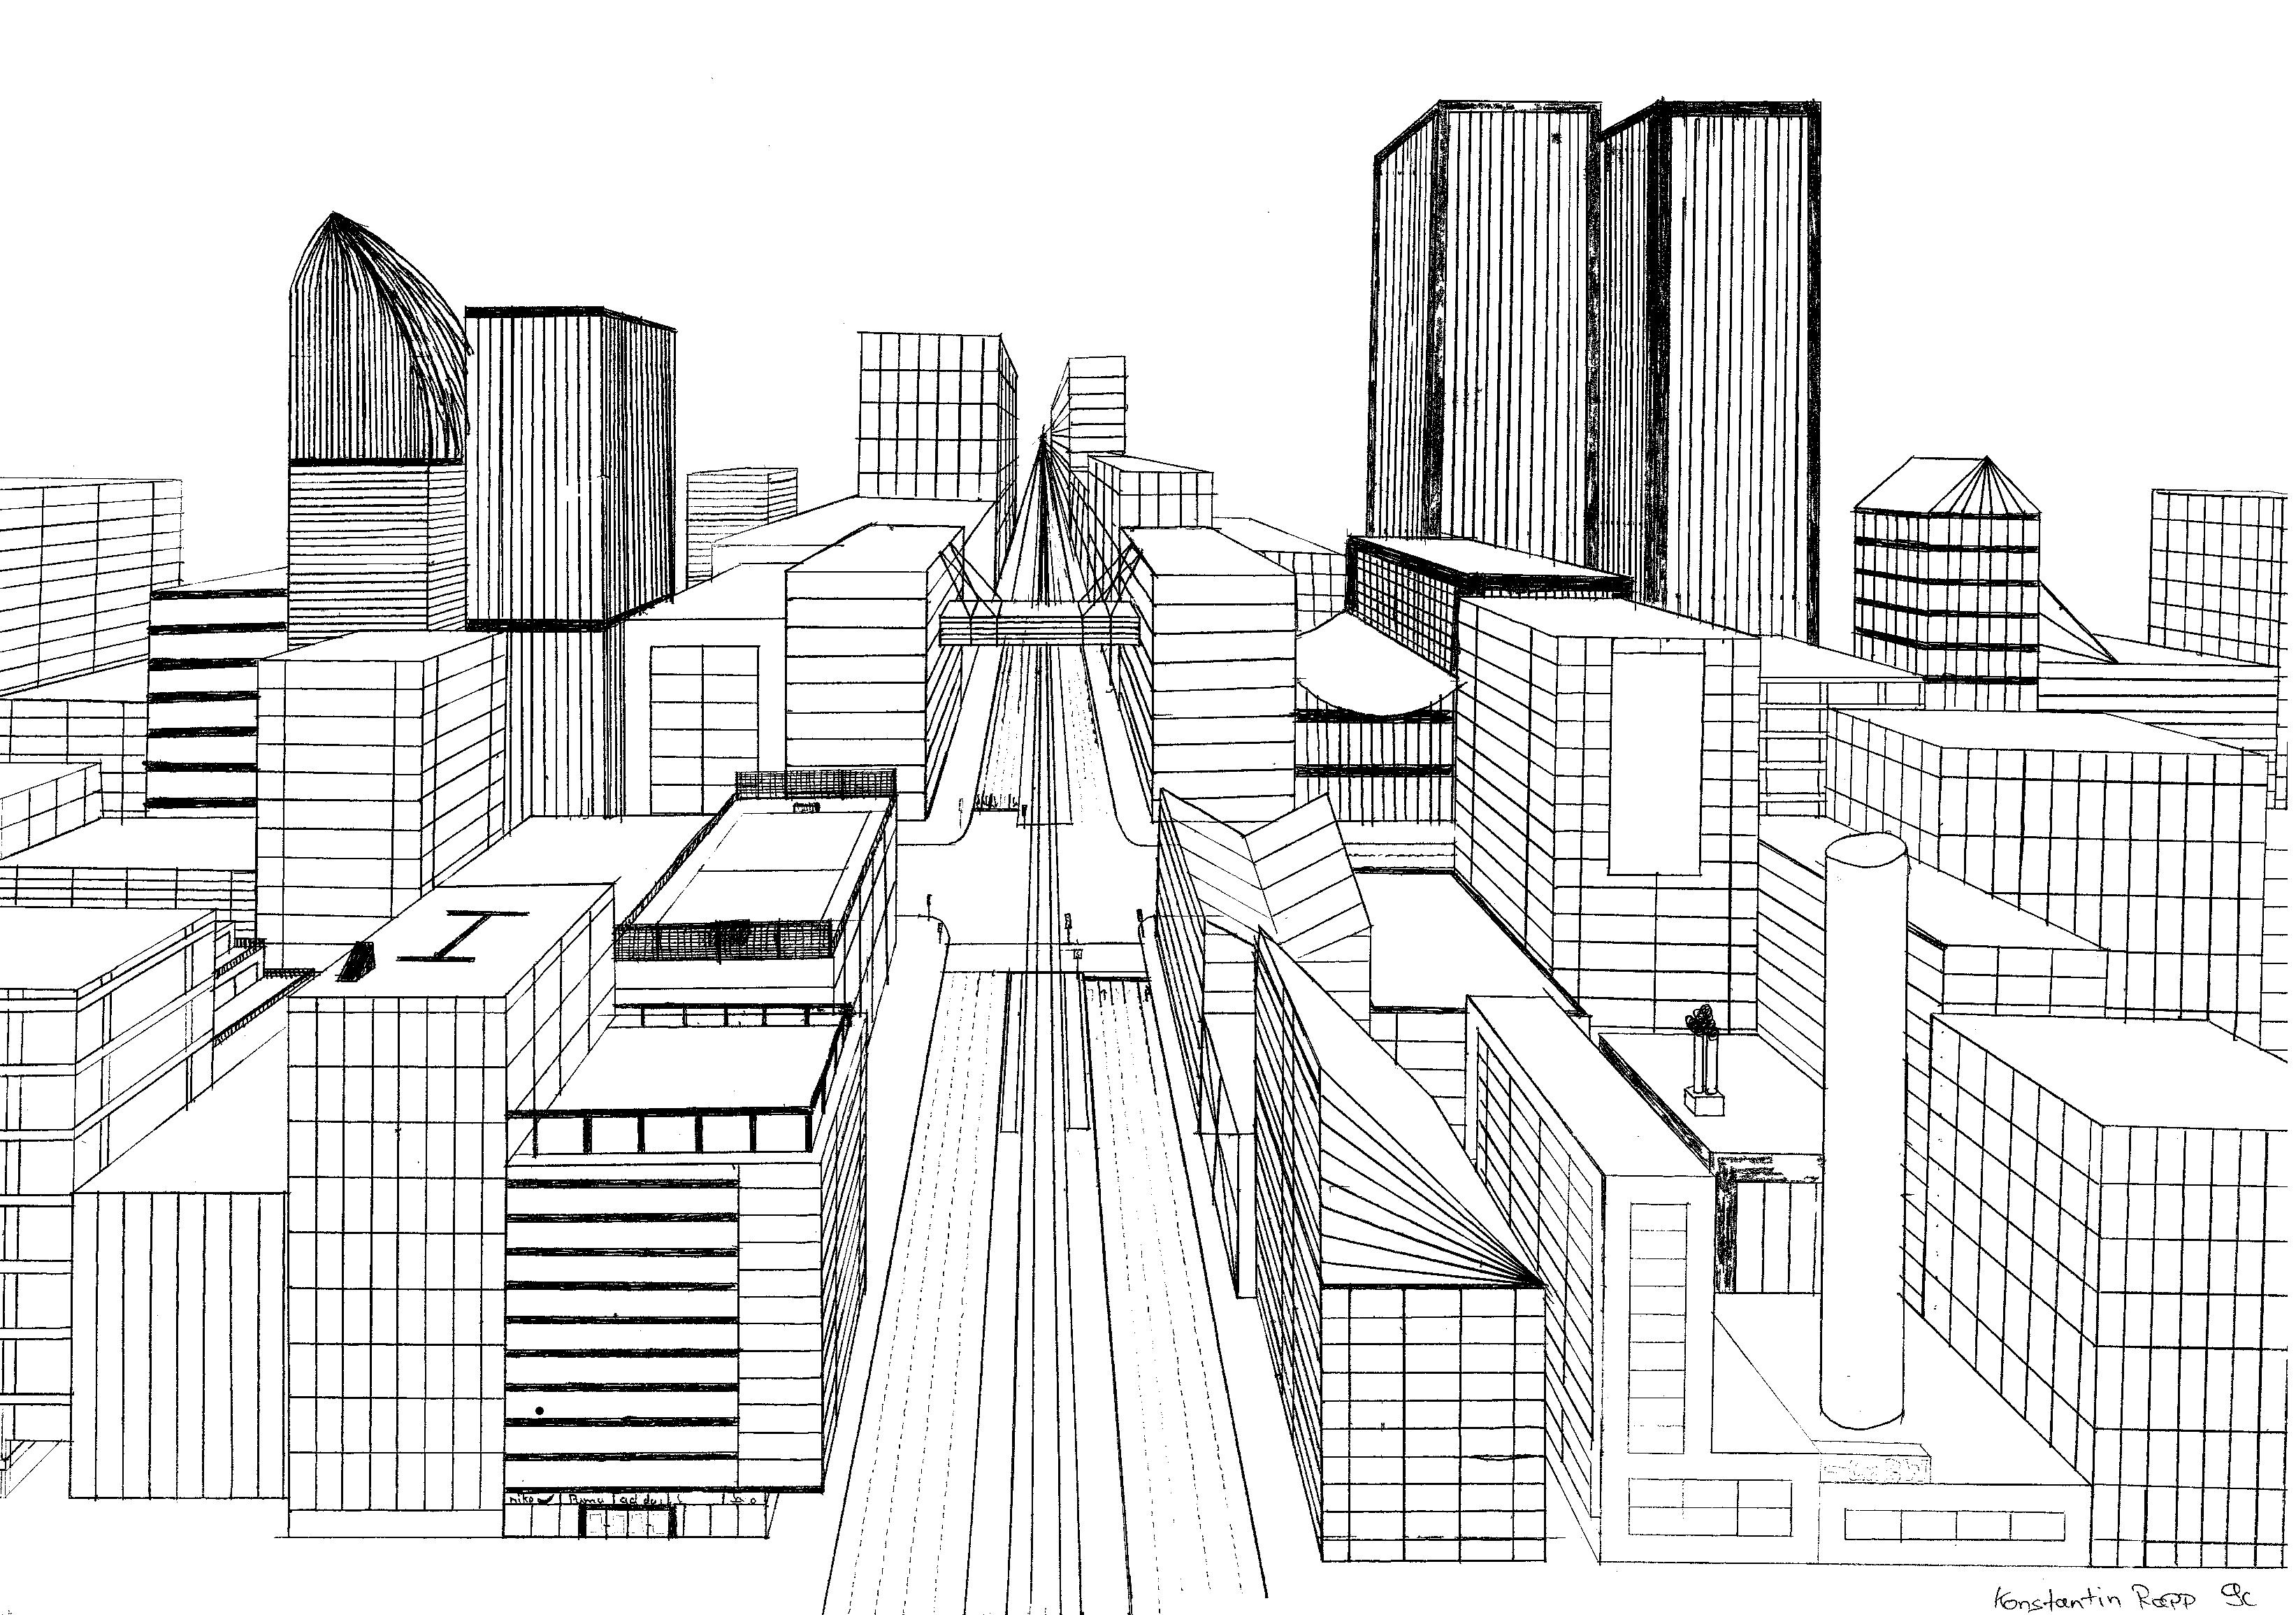 perspektive zeichnen arbeitsblatt - Pesquisa Google | Perspektive ...